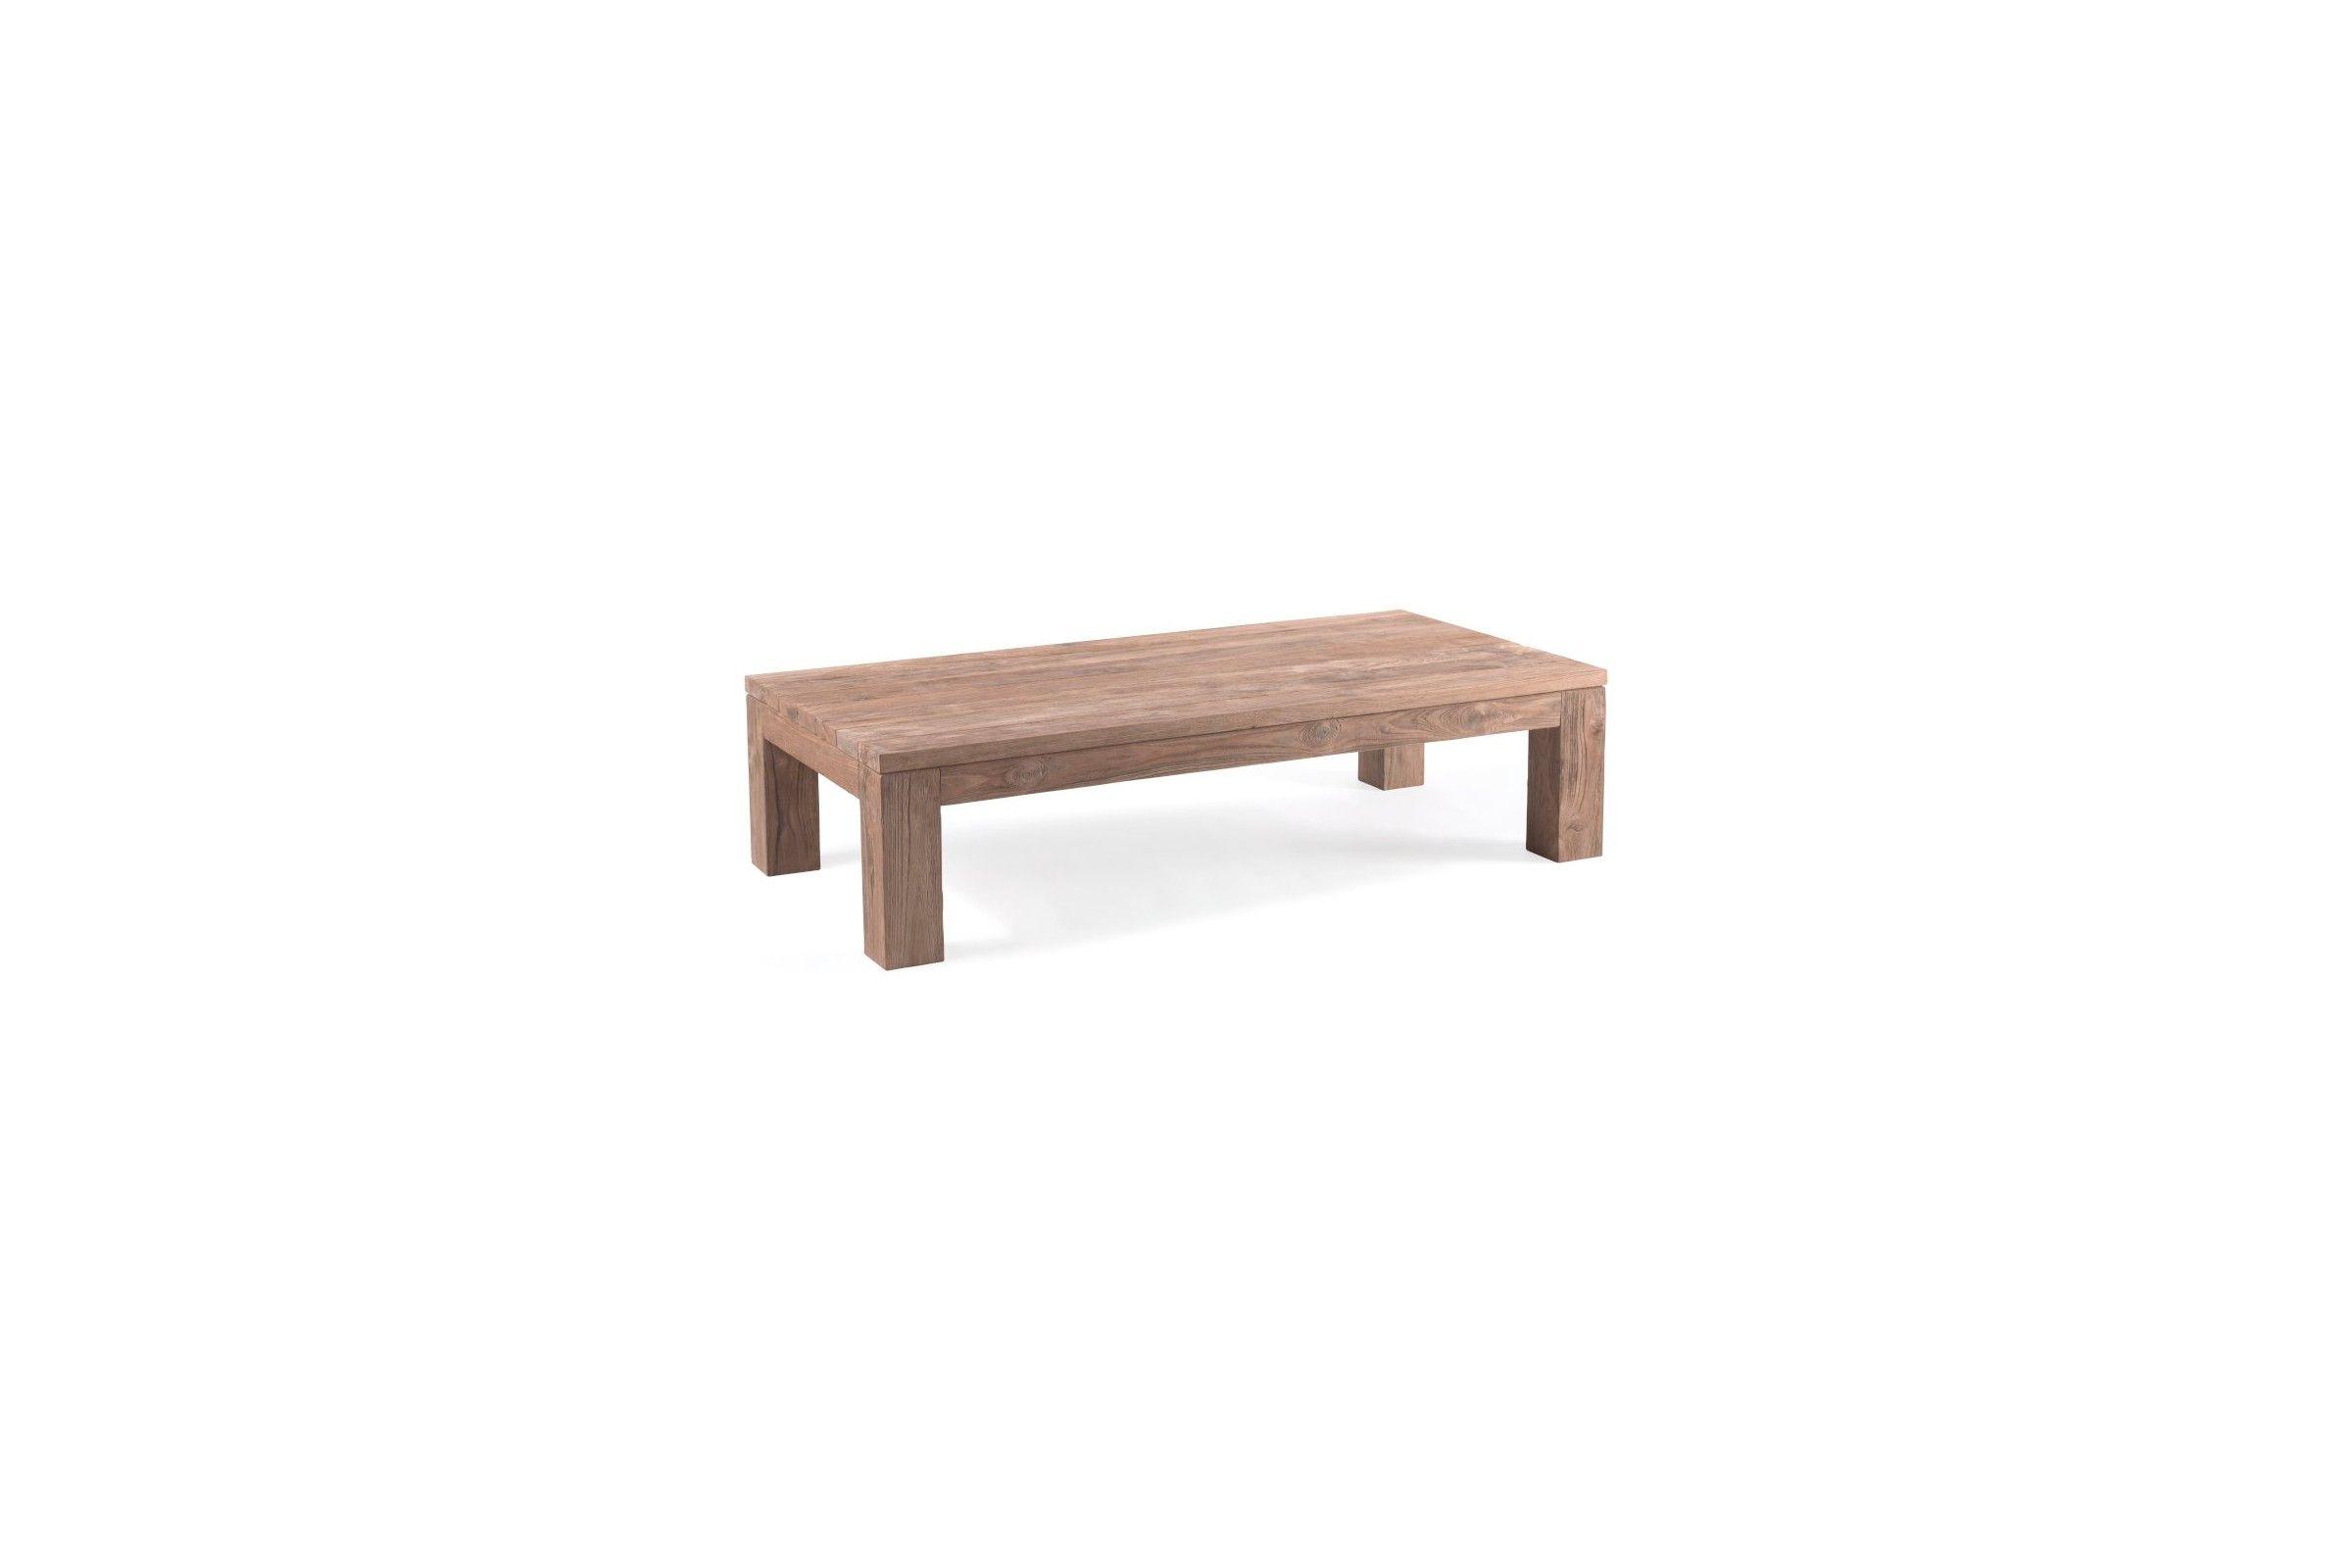 Table basse rectangulaire 140 cm en vieux teck massif gamme primitive la galerie du teck - Tables basses haut de gamme ...